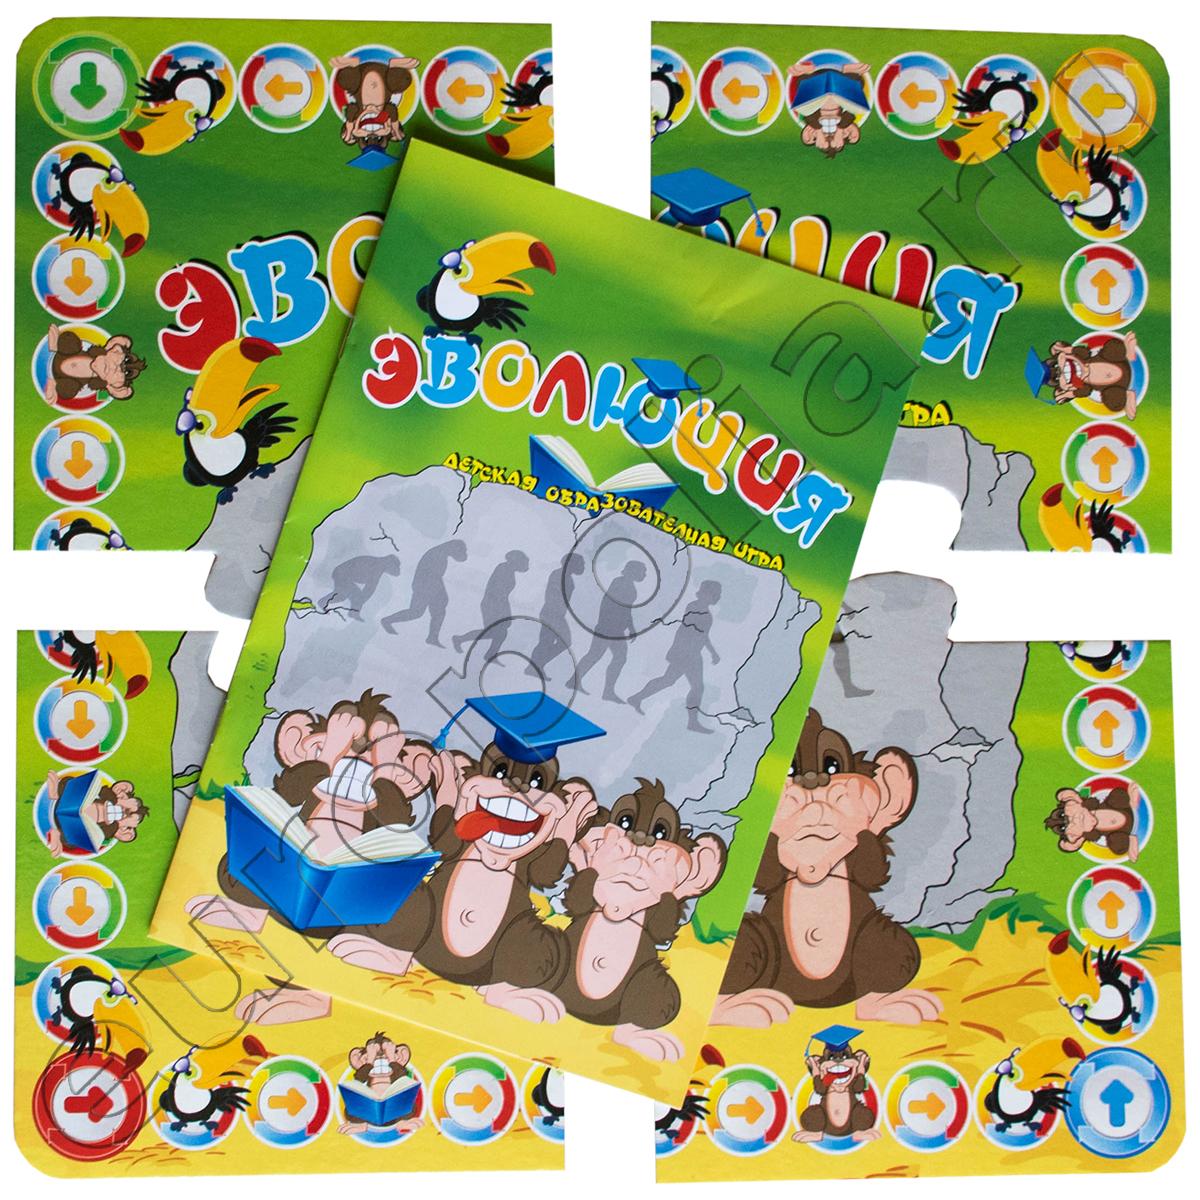 Детская образовательная игра Эволюция игровое поле 43541 С-106